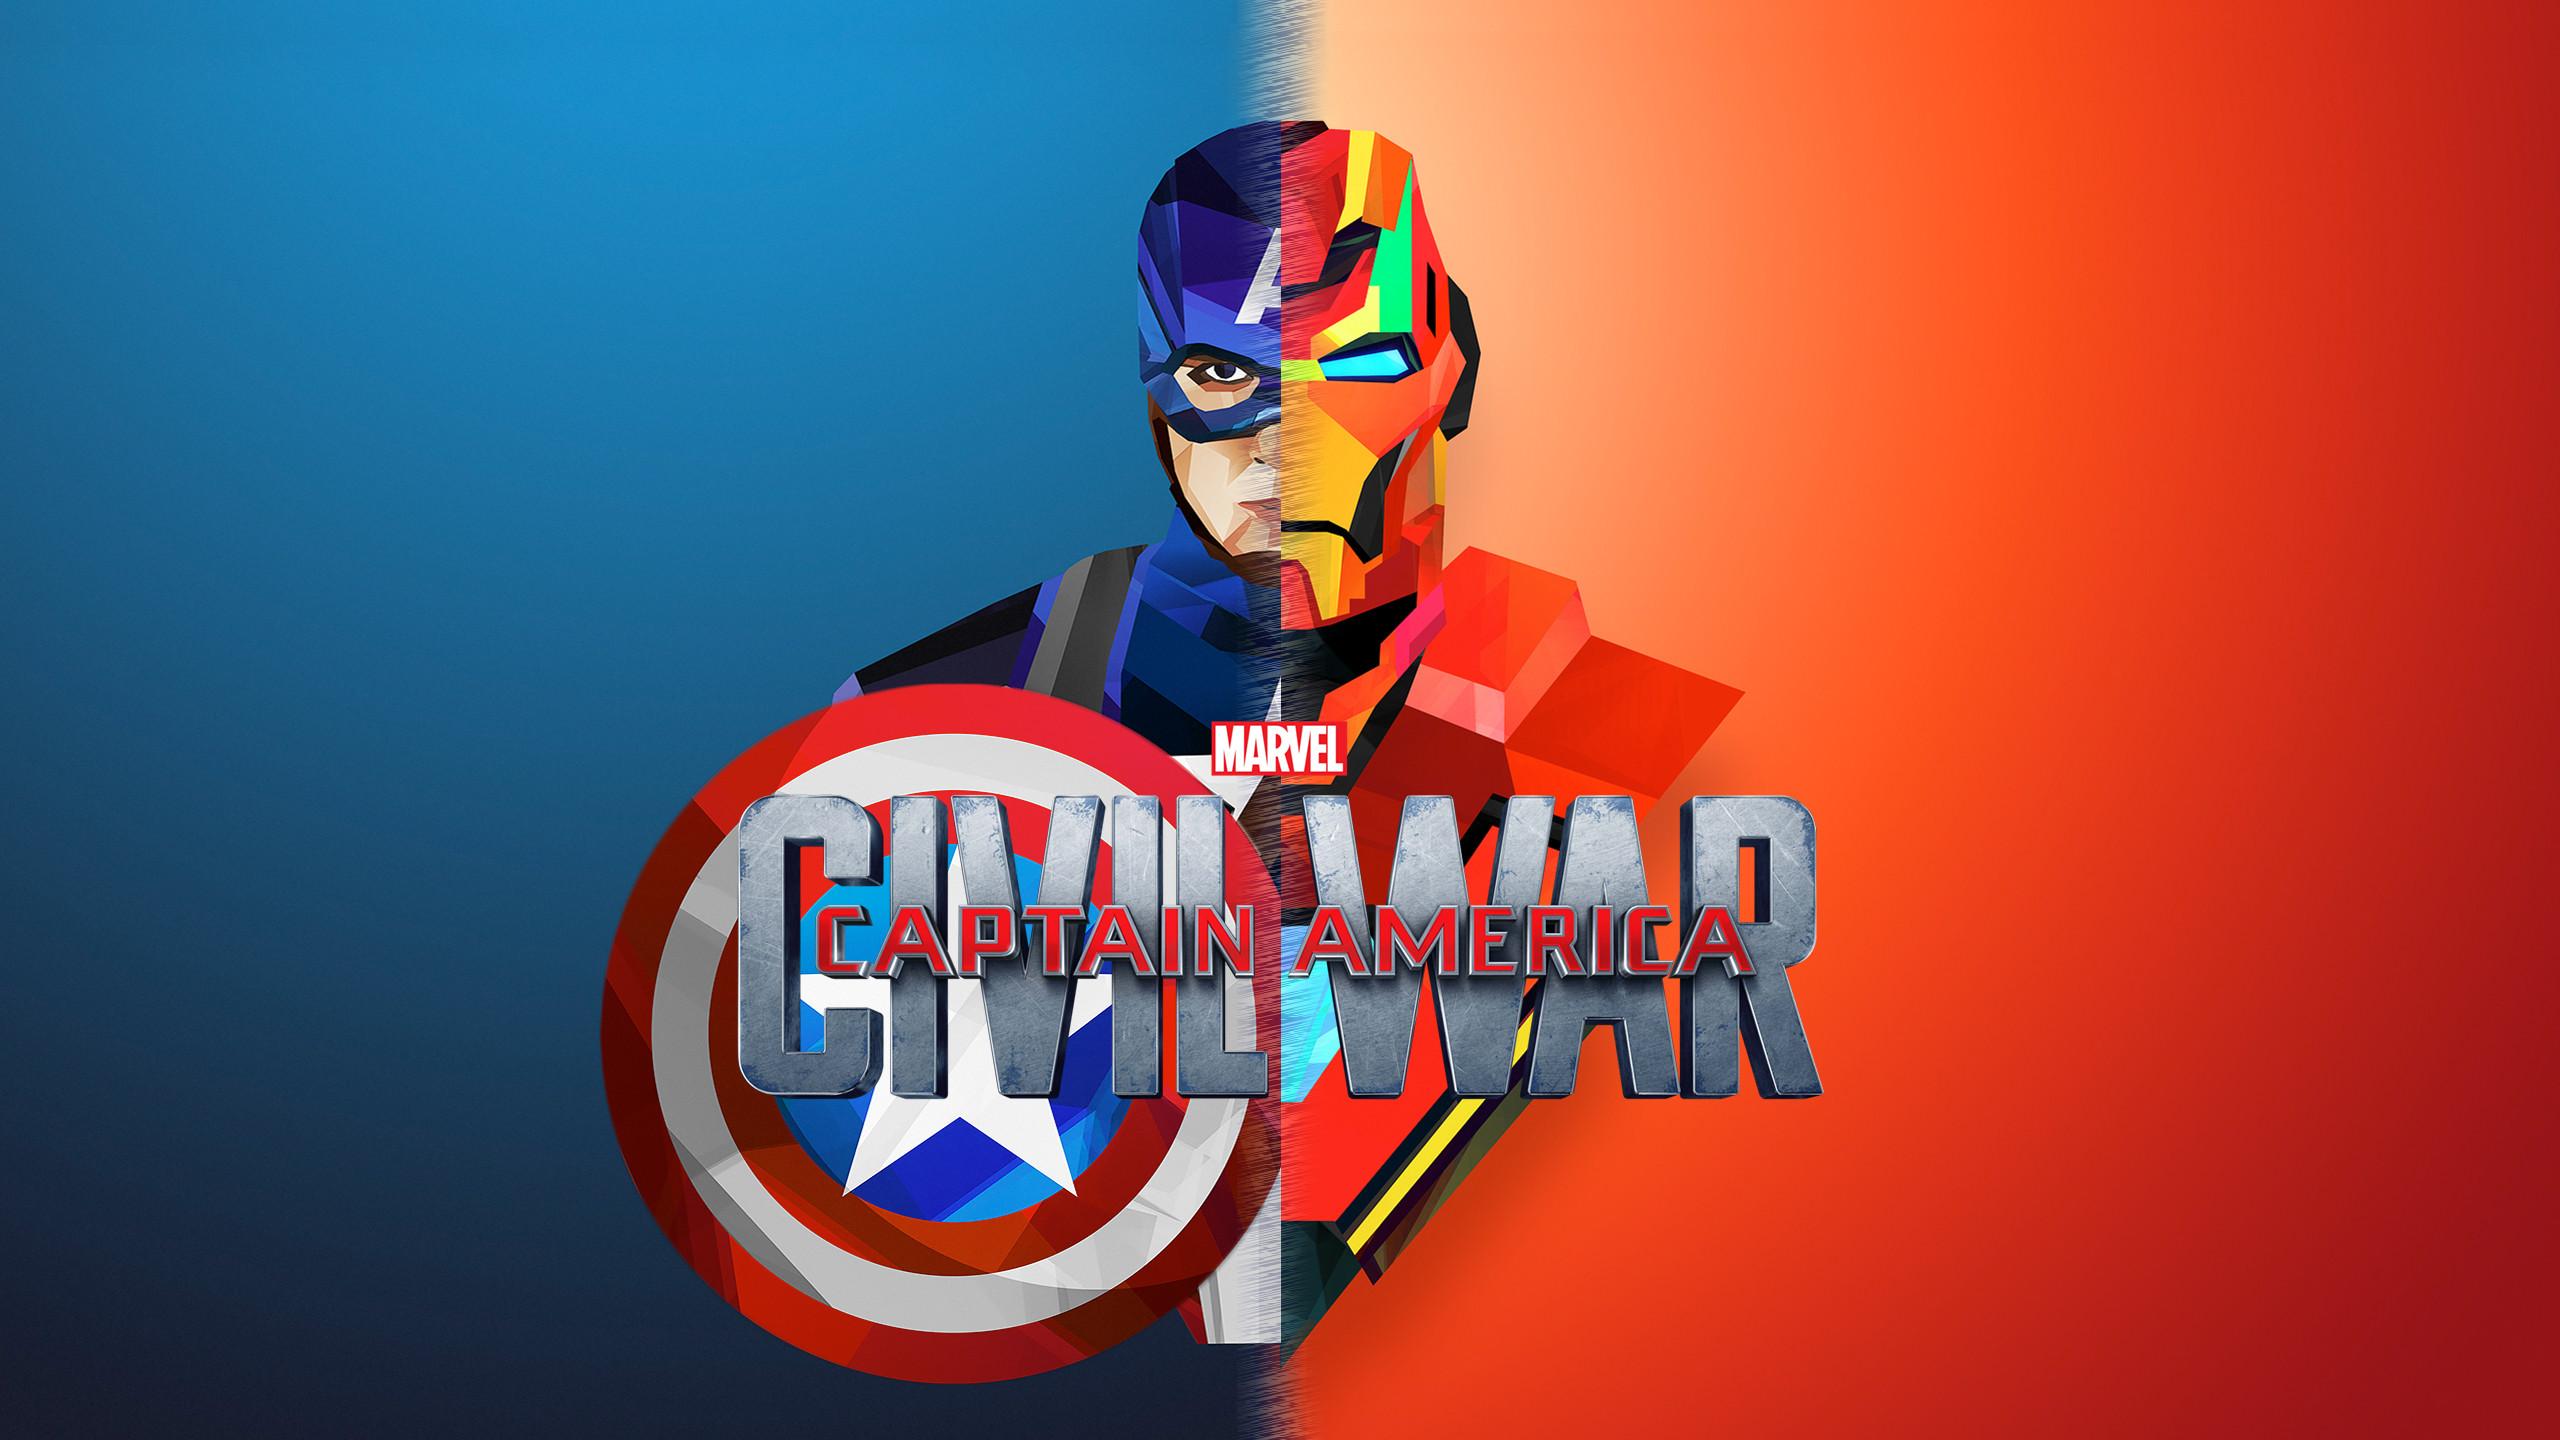 Captain America Civil War Team wallpapers (5 Wallpapers)